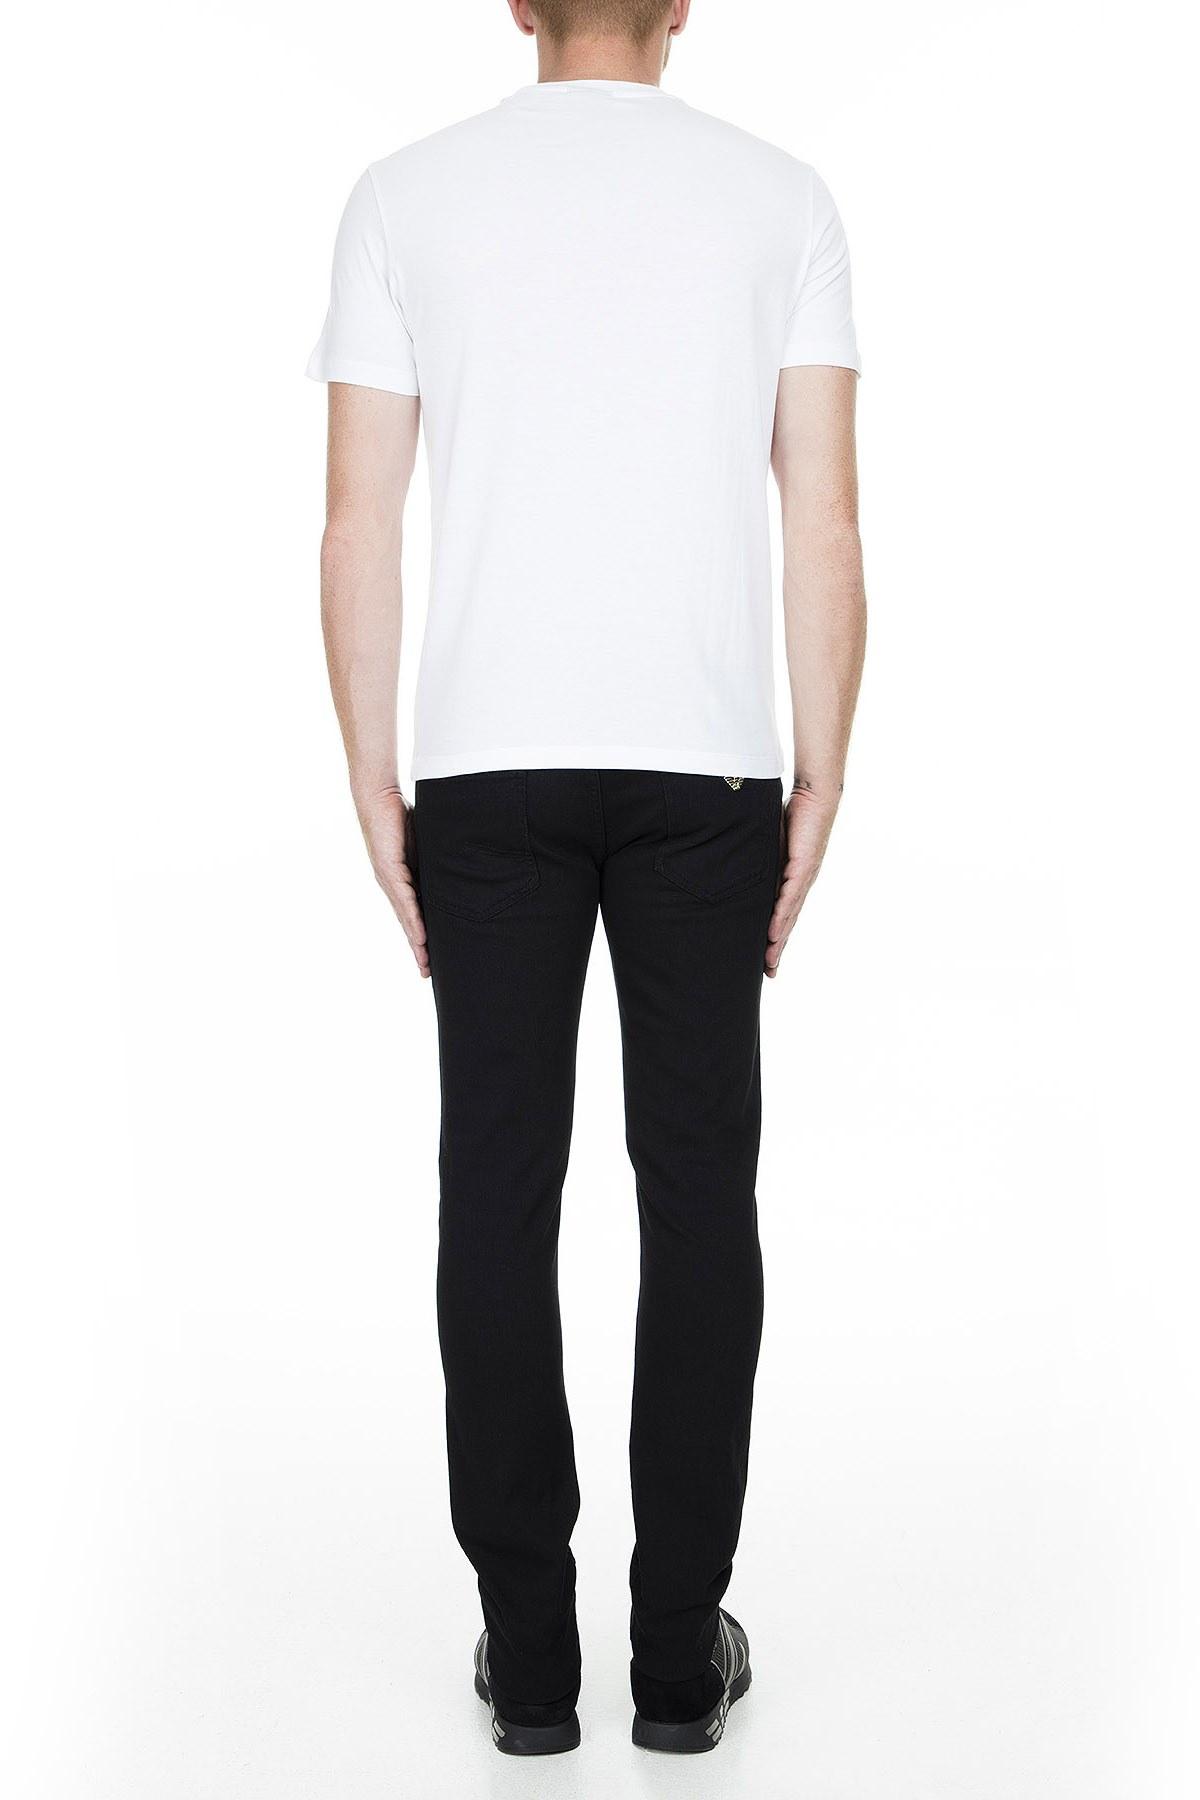 Emporio Armani J10 Jeans Erkek Kot Pantolon 6G1J10 1D7YZ 0005 SİYAH